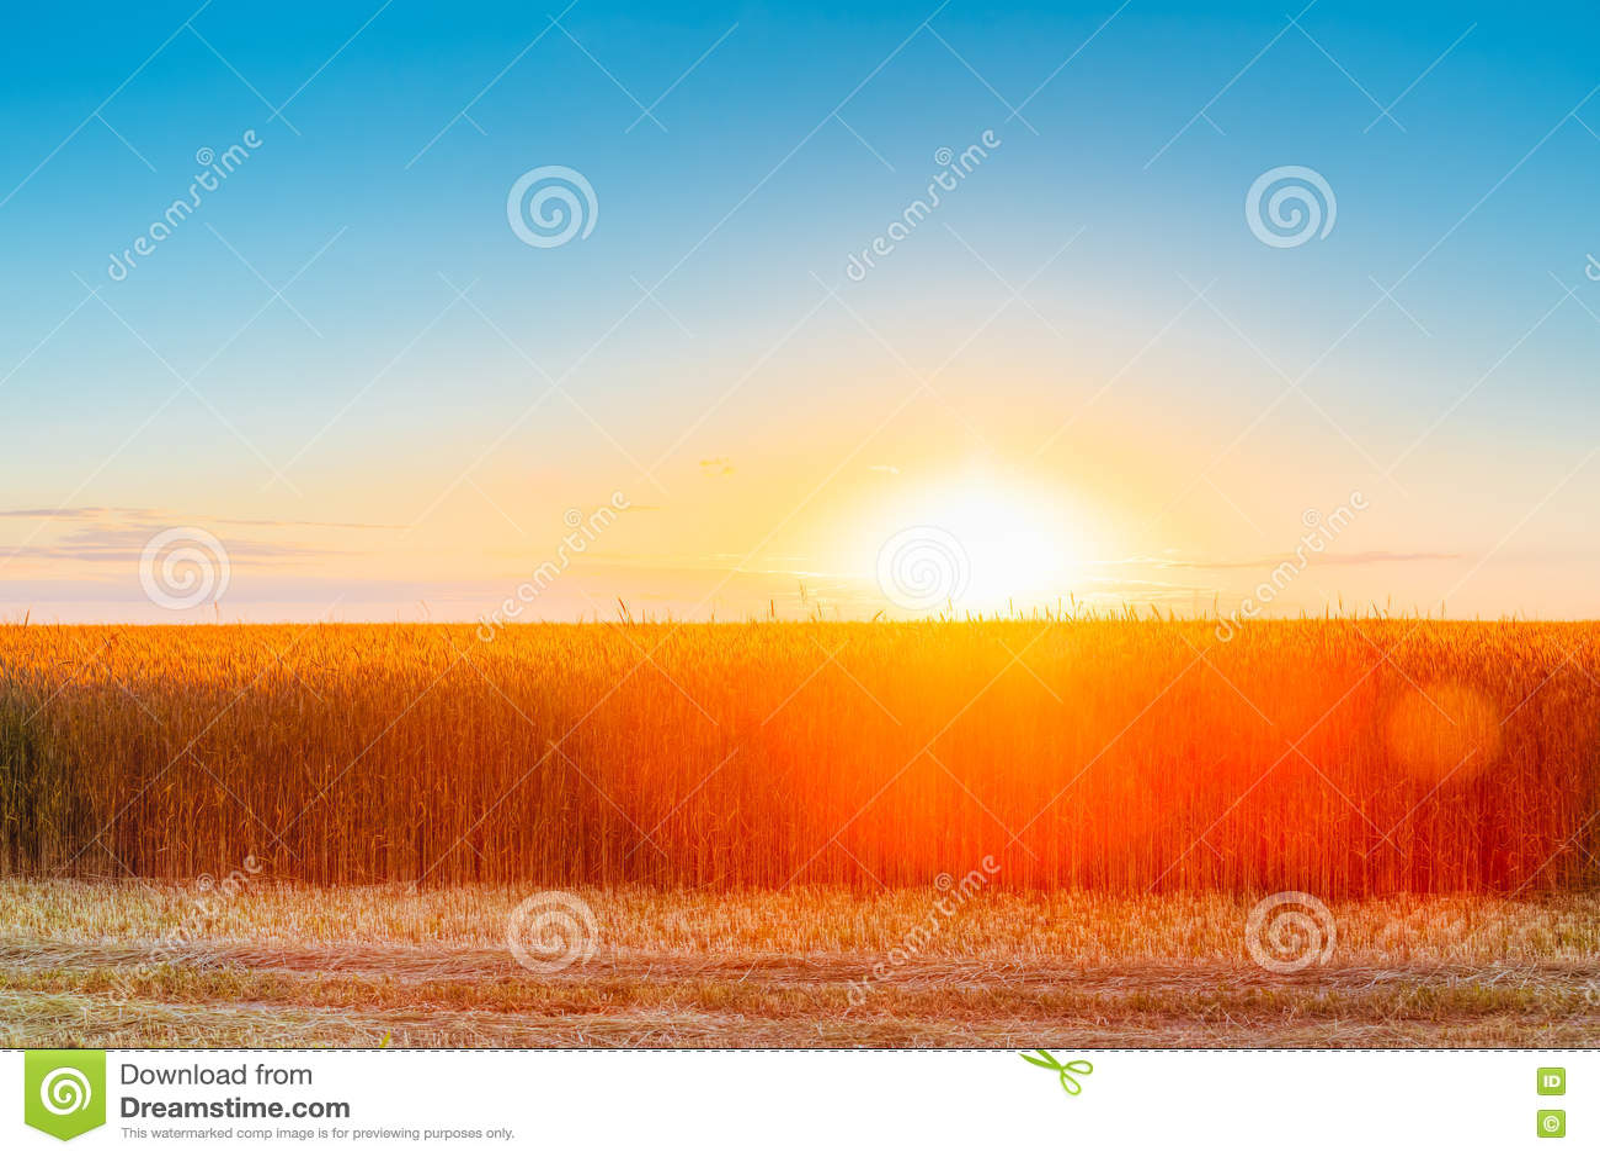 Картинки с ярким изображением природы